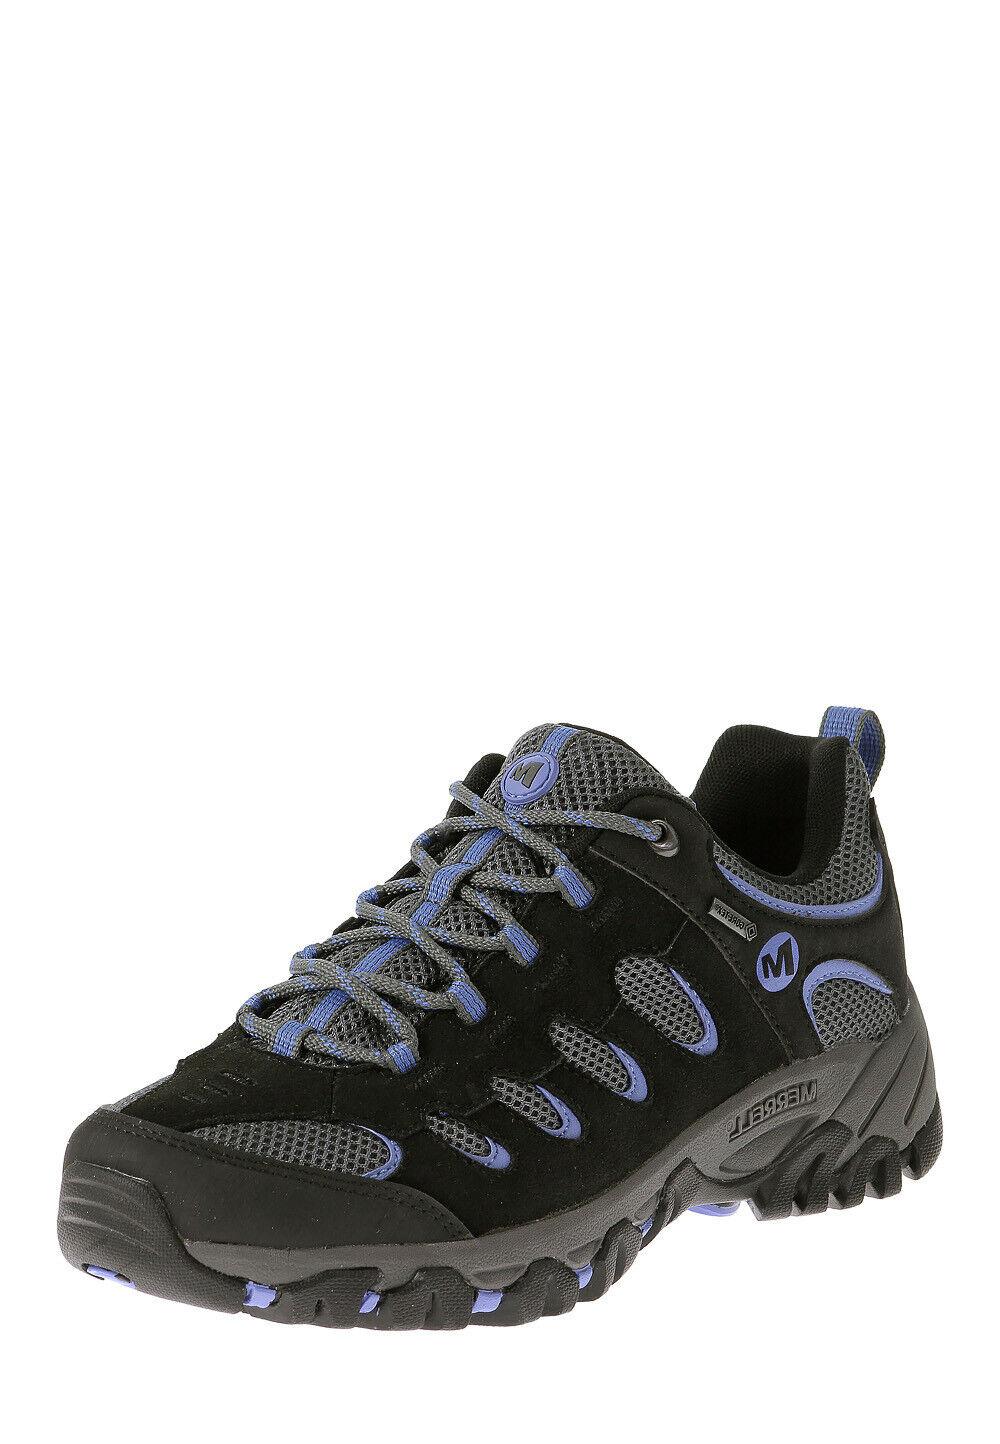 Merrell Damen Hiking-Schuhe Ridgepass GTX schwarz lila Größe 37